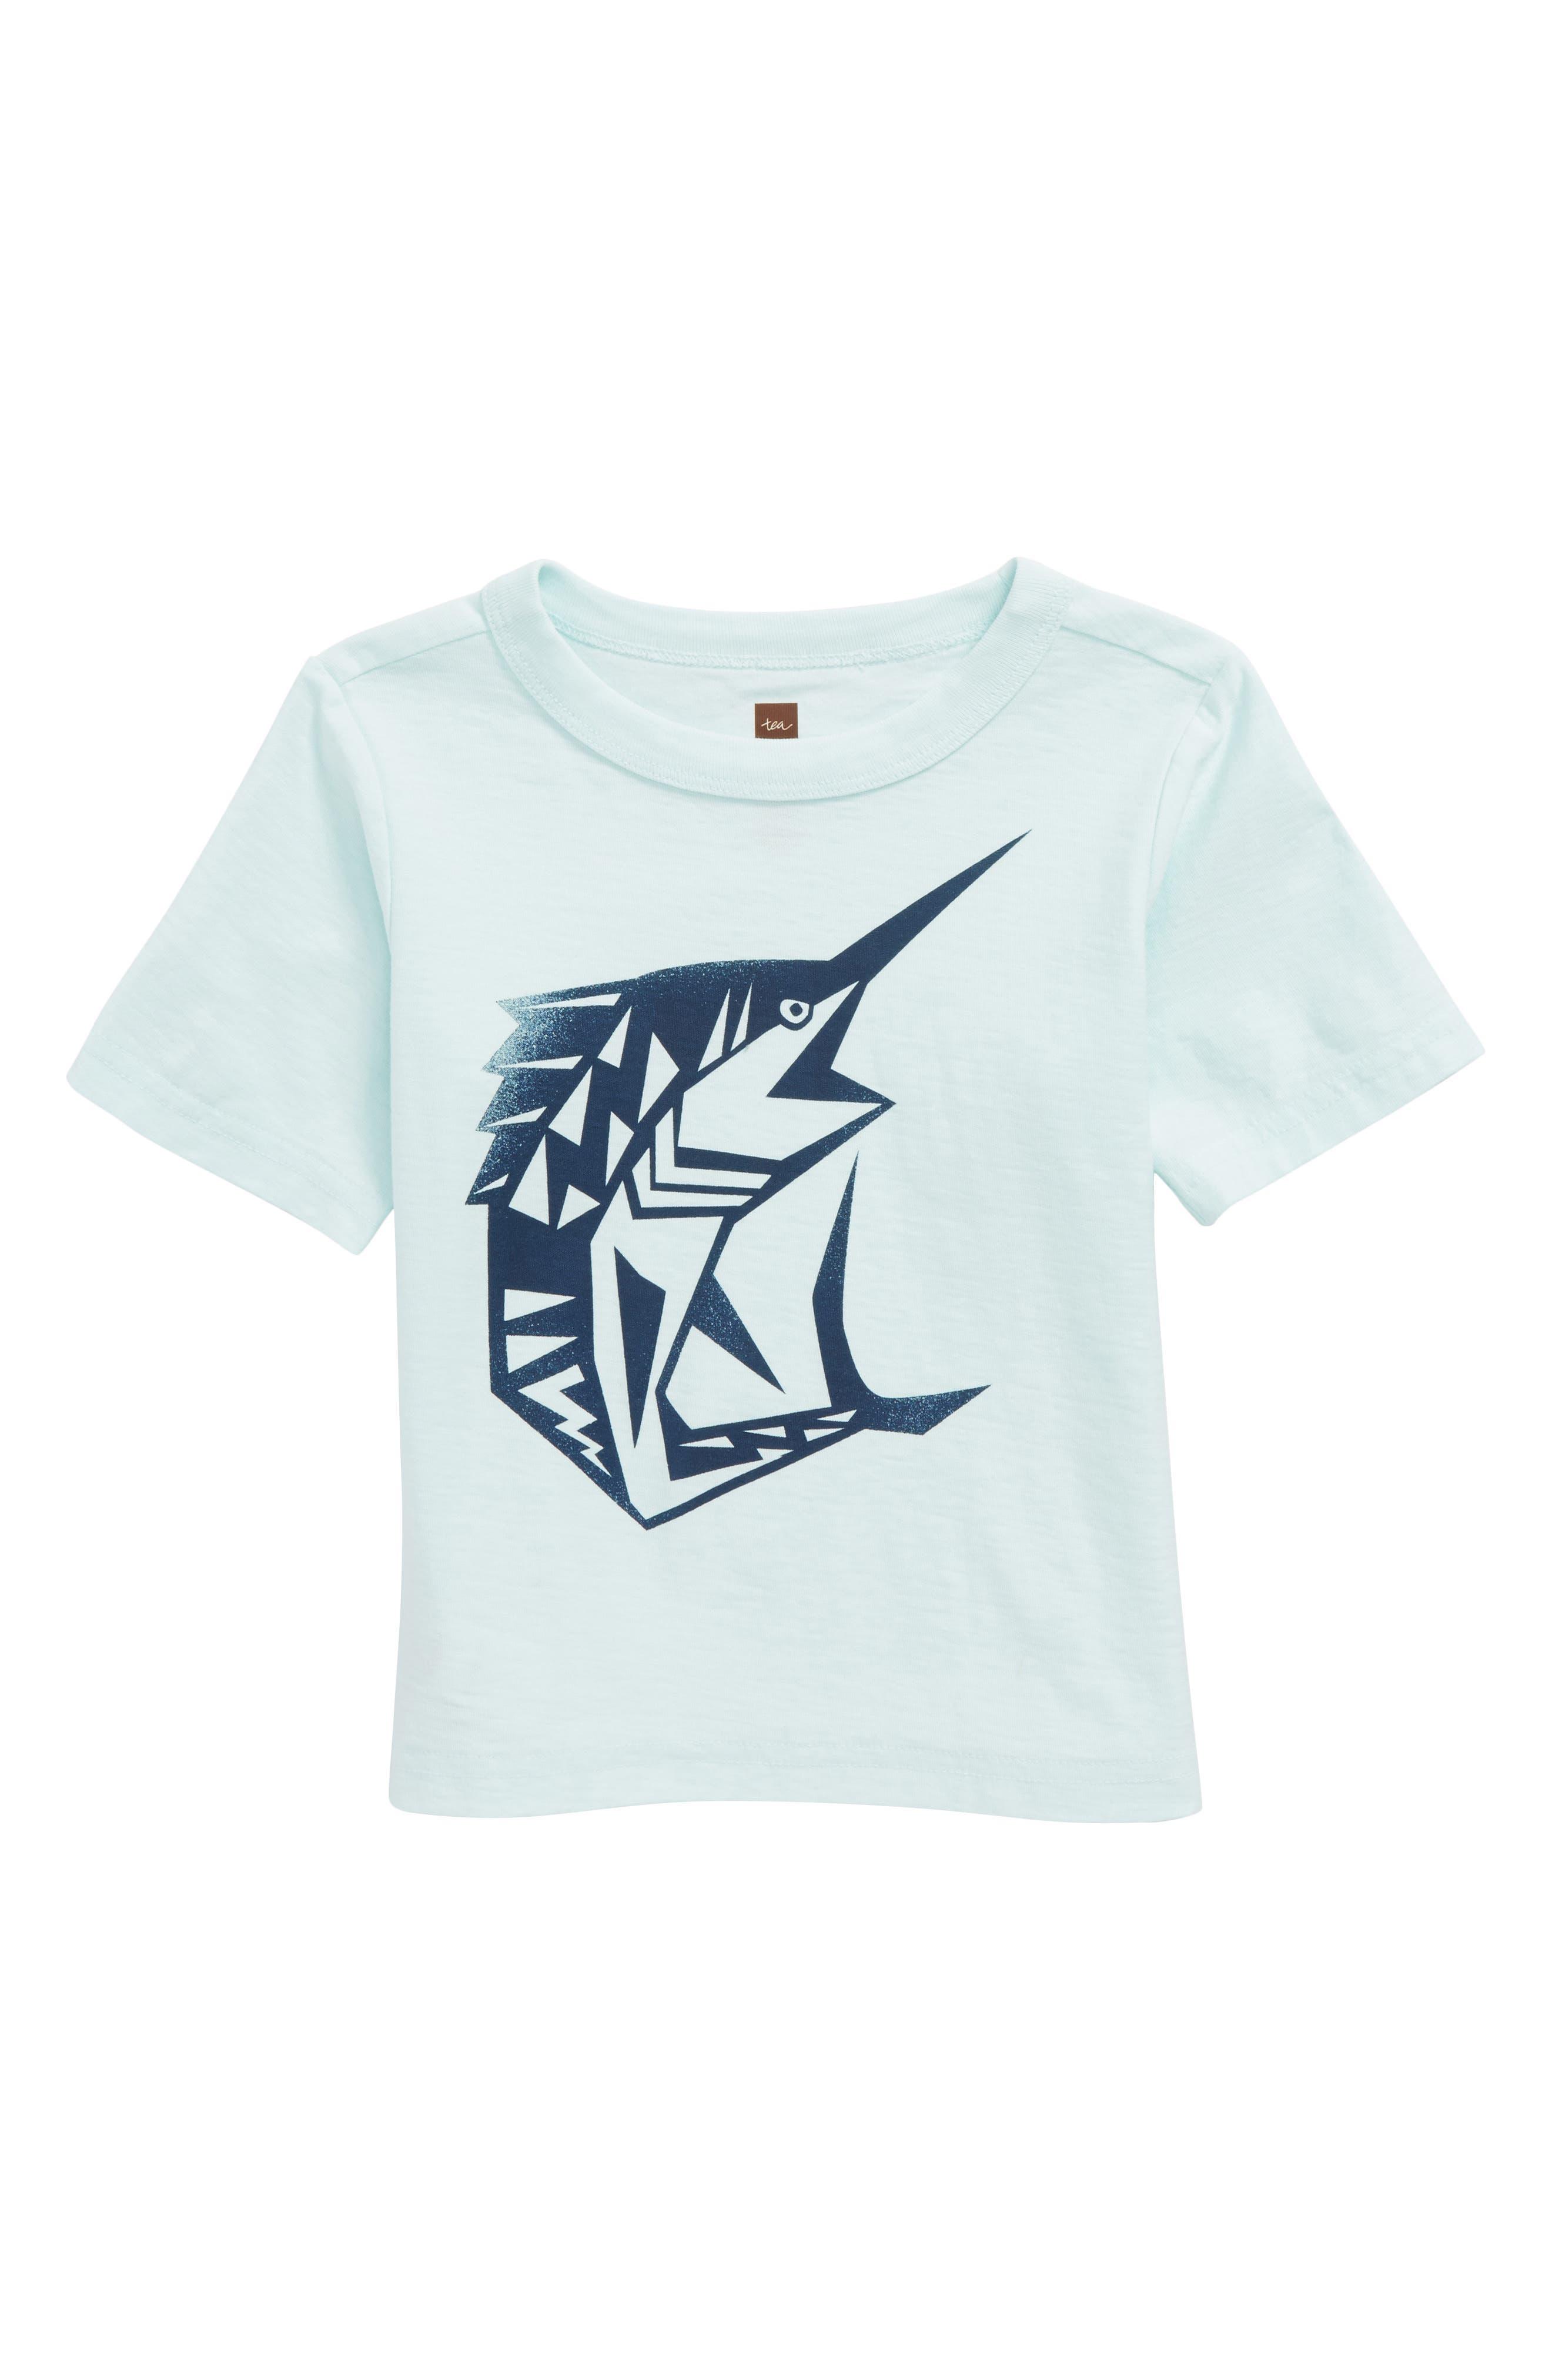 Swordfish T-Shirt,                             Main thumbnail 1, color,                             Key Blue